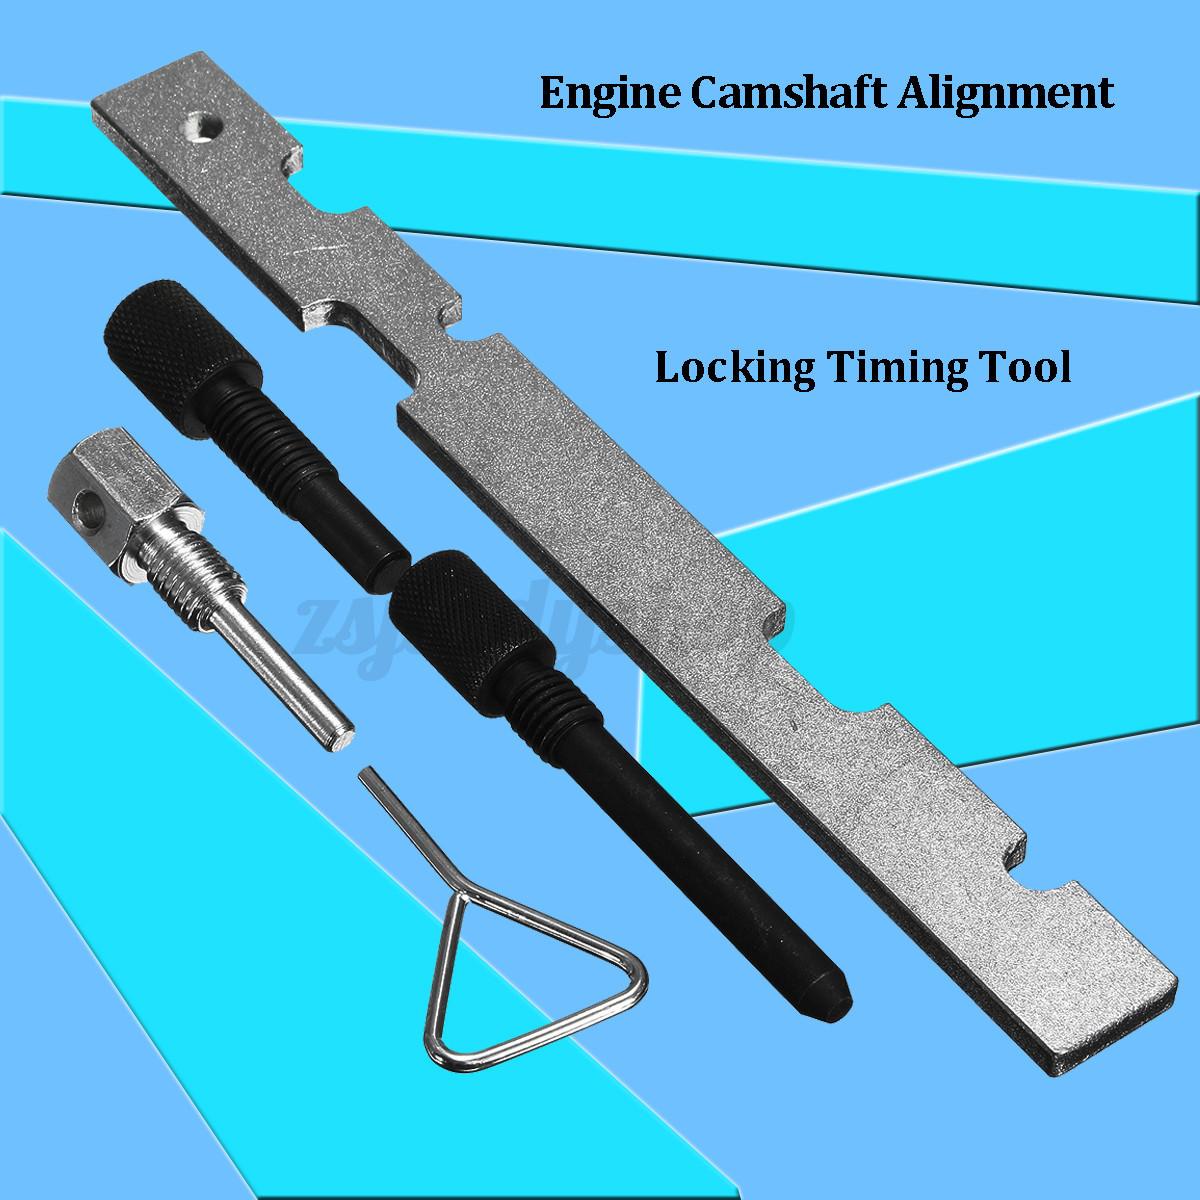 5Pcs Engine Camshaft Cam Lock Locking Timing Alignment